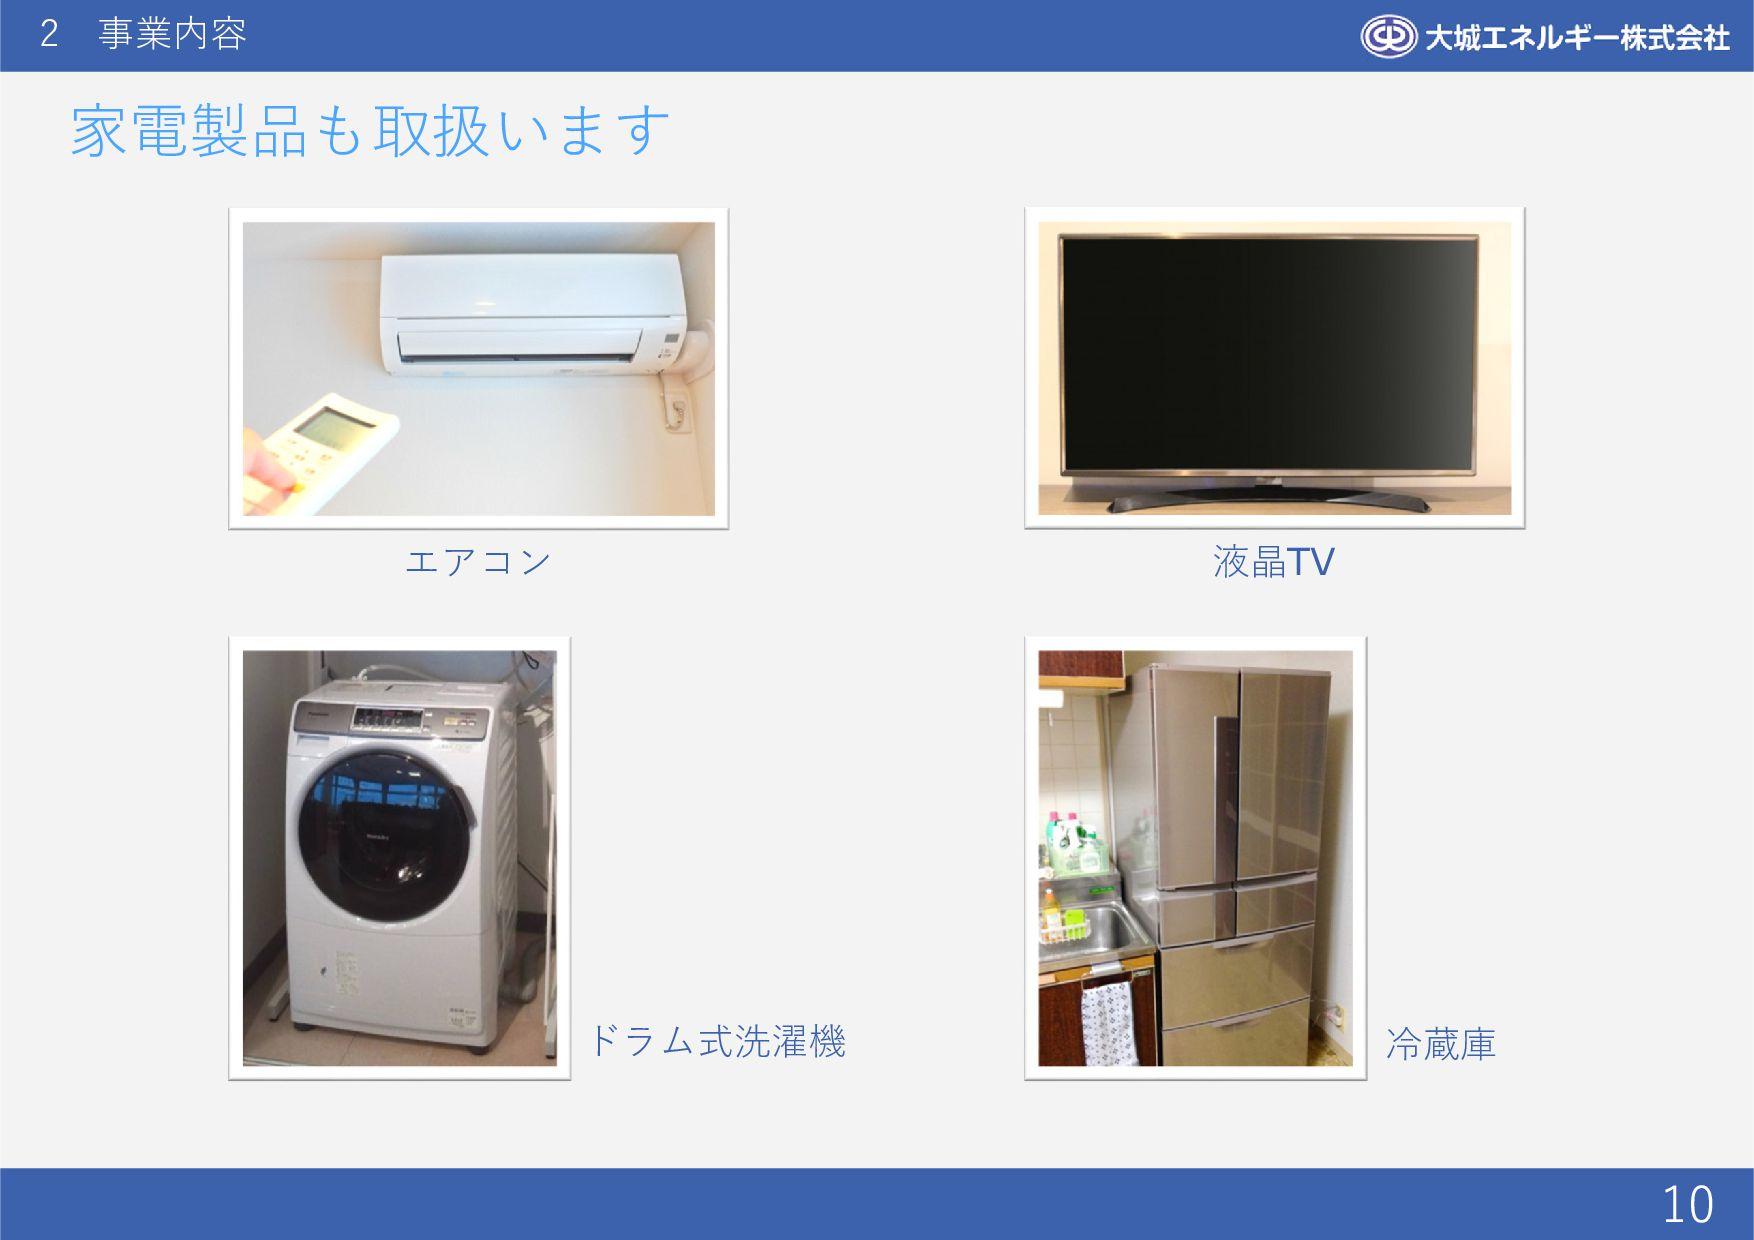 2 事業内容 10 家電製品も取扱います エアコン ドラム式洗濯機 液晶TV 冷蔵庫